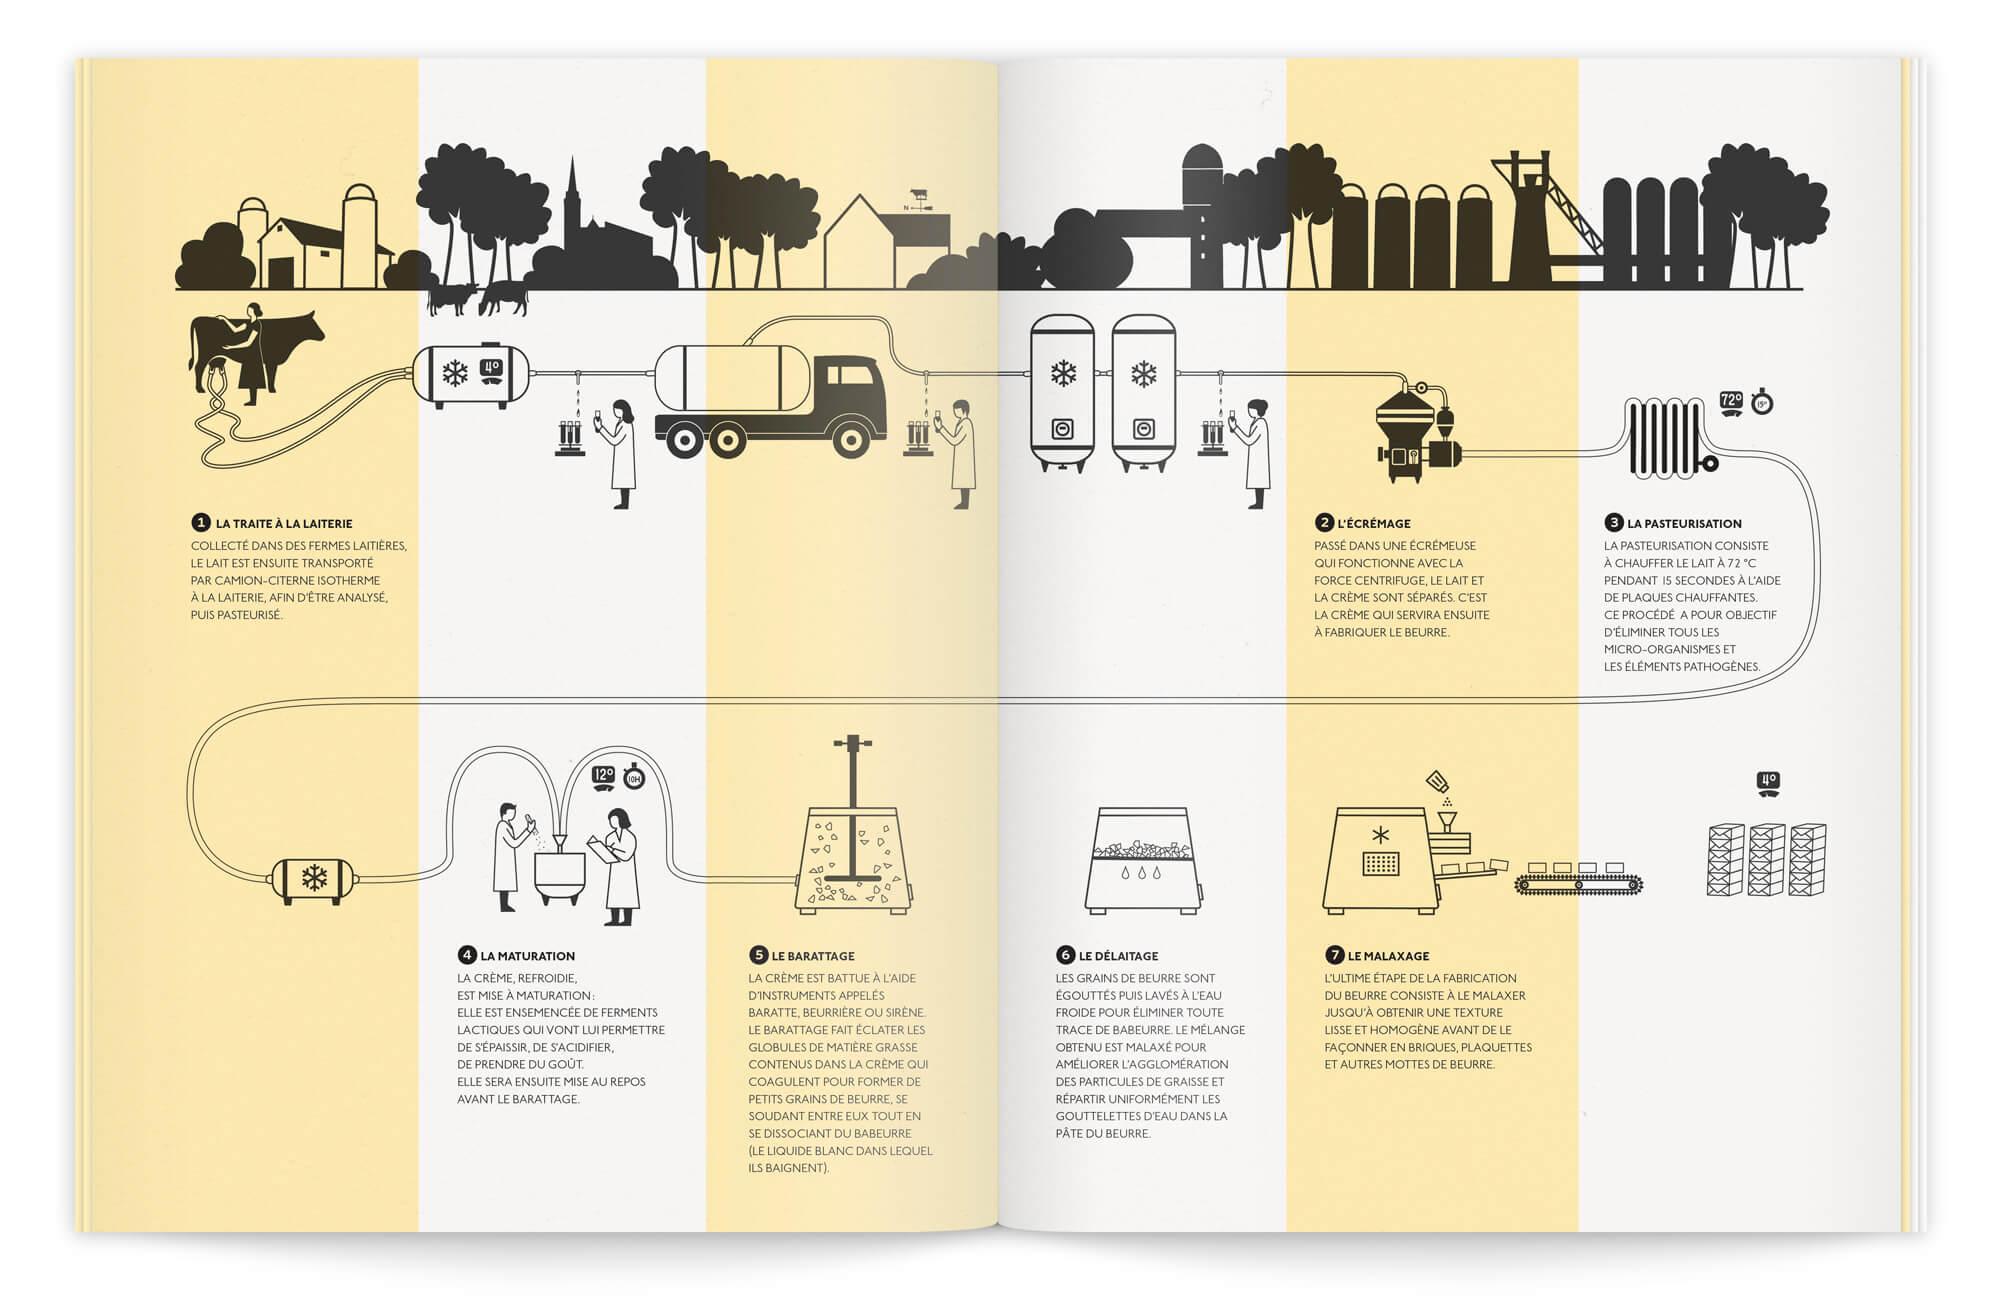 Illustration pédagogique et didactique pour la fabrication du beurre, dessinée par ichetkar sur rayures jaune et creme